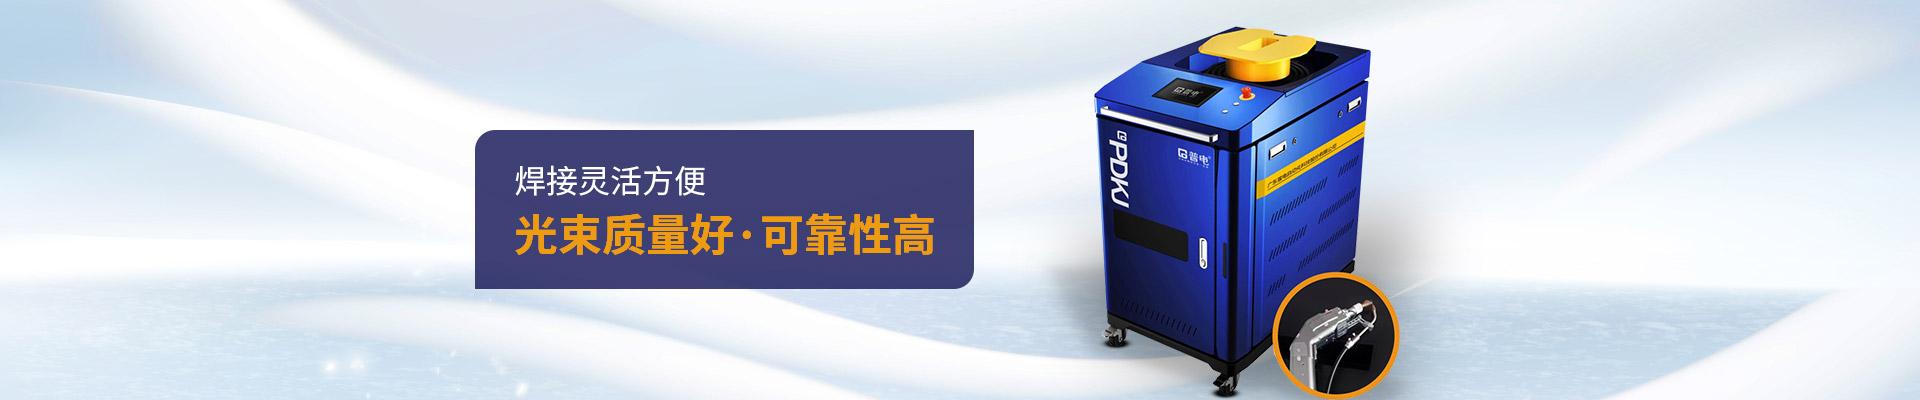 普电-焊接灵活方便,光束质量好,可靠性高